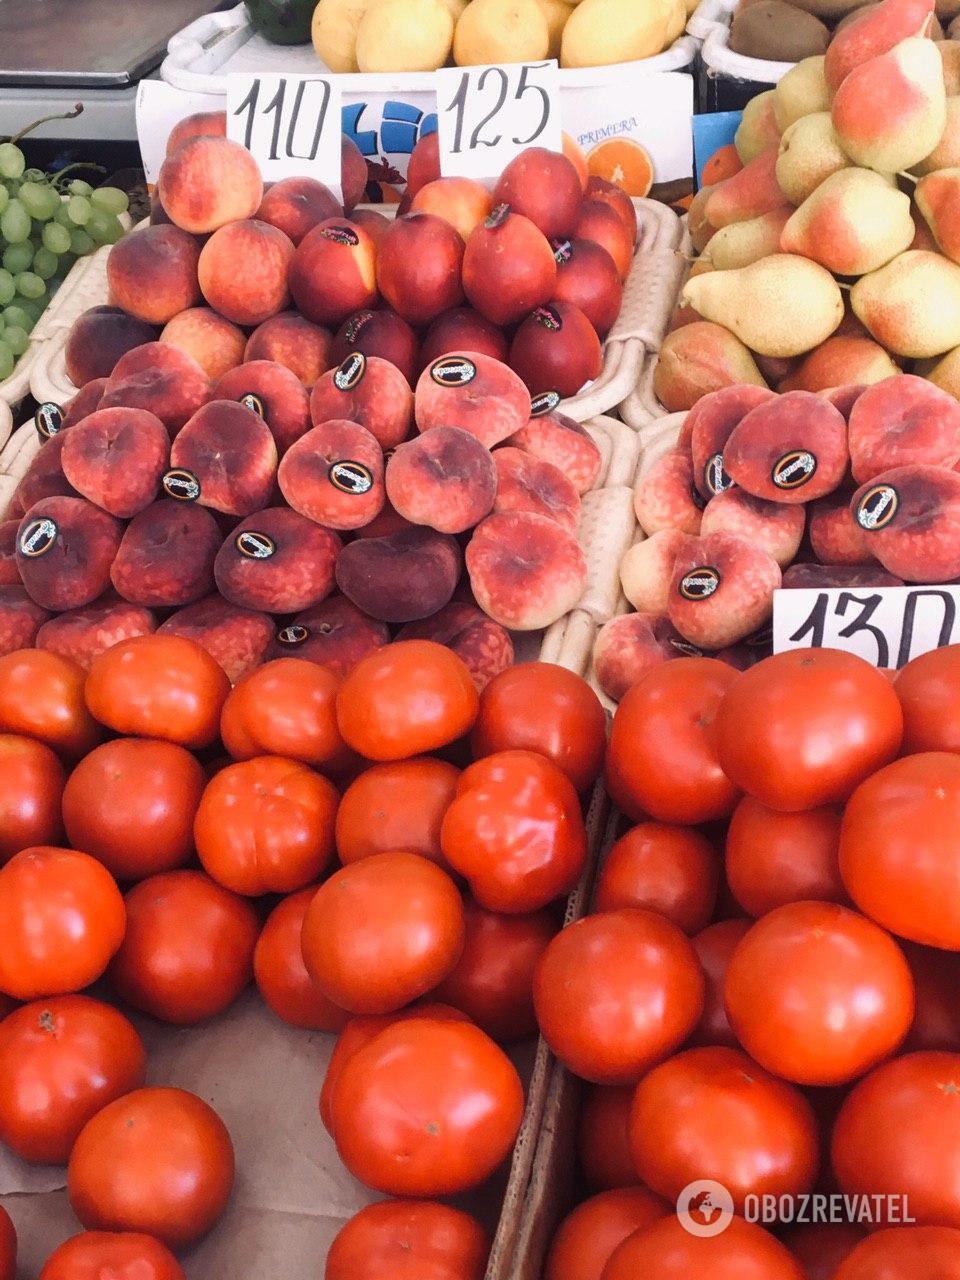 Цены на фрукты выше, чем обычно